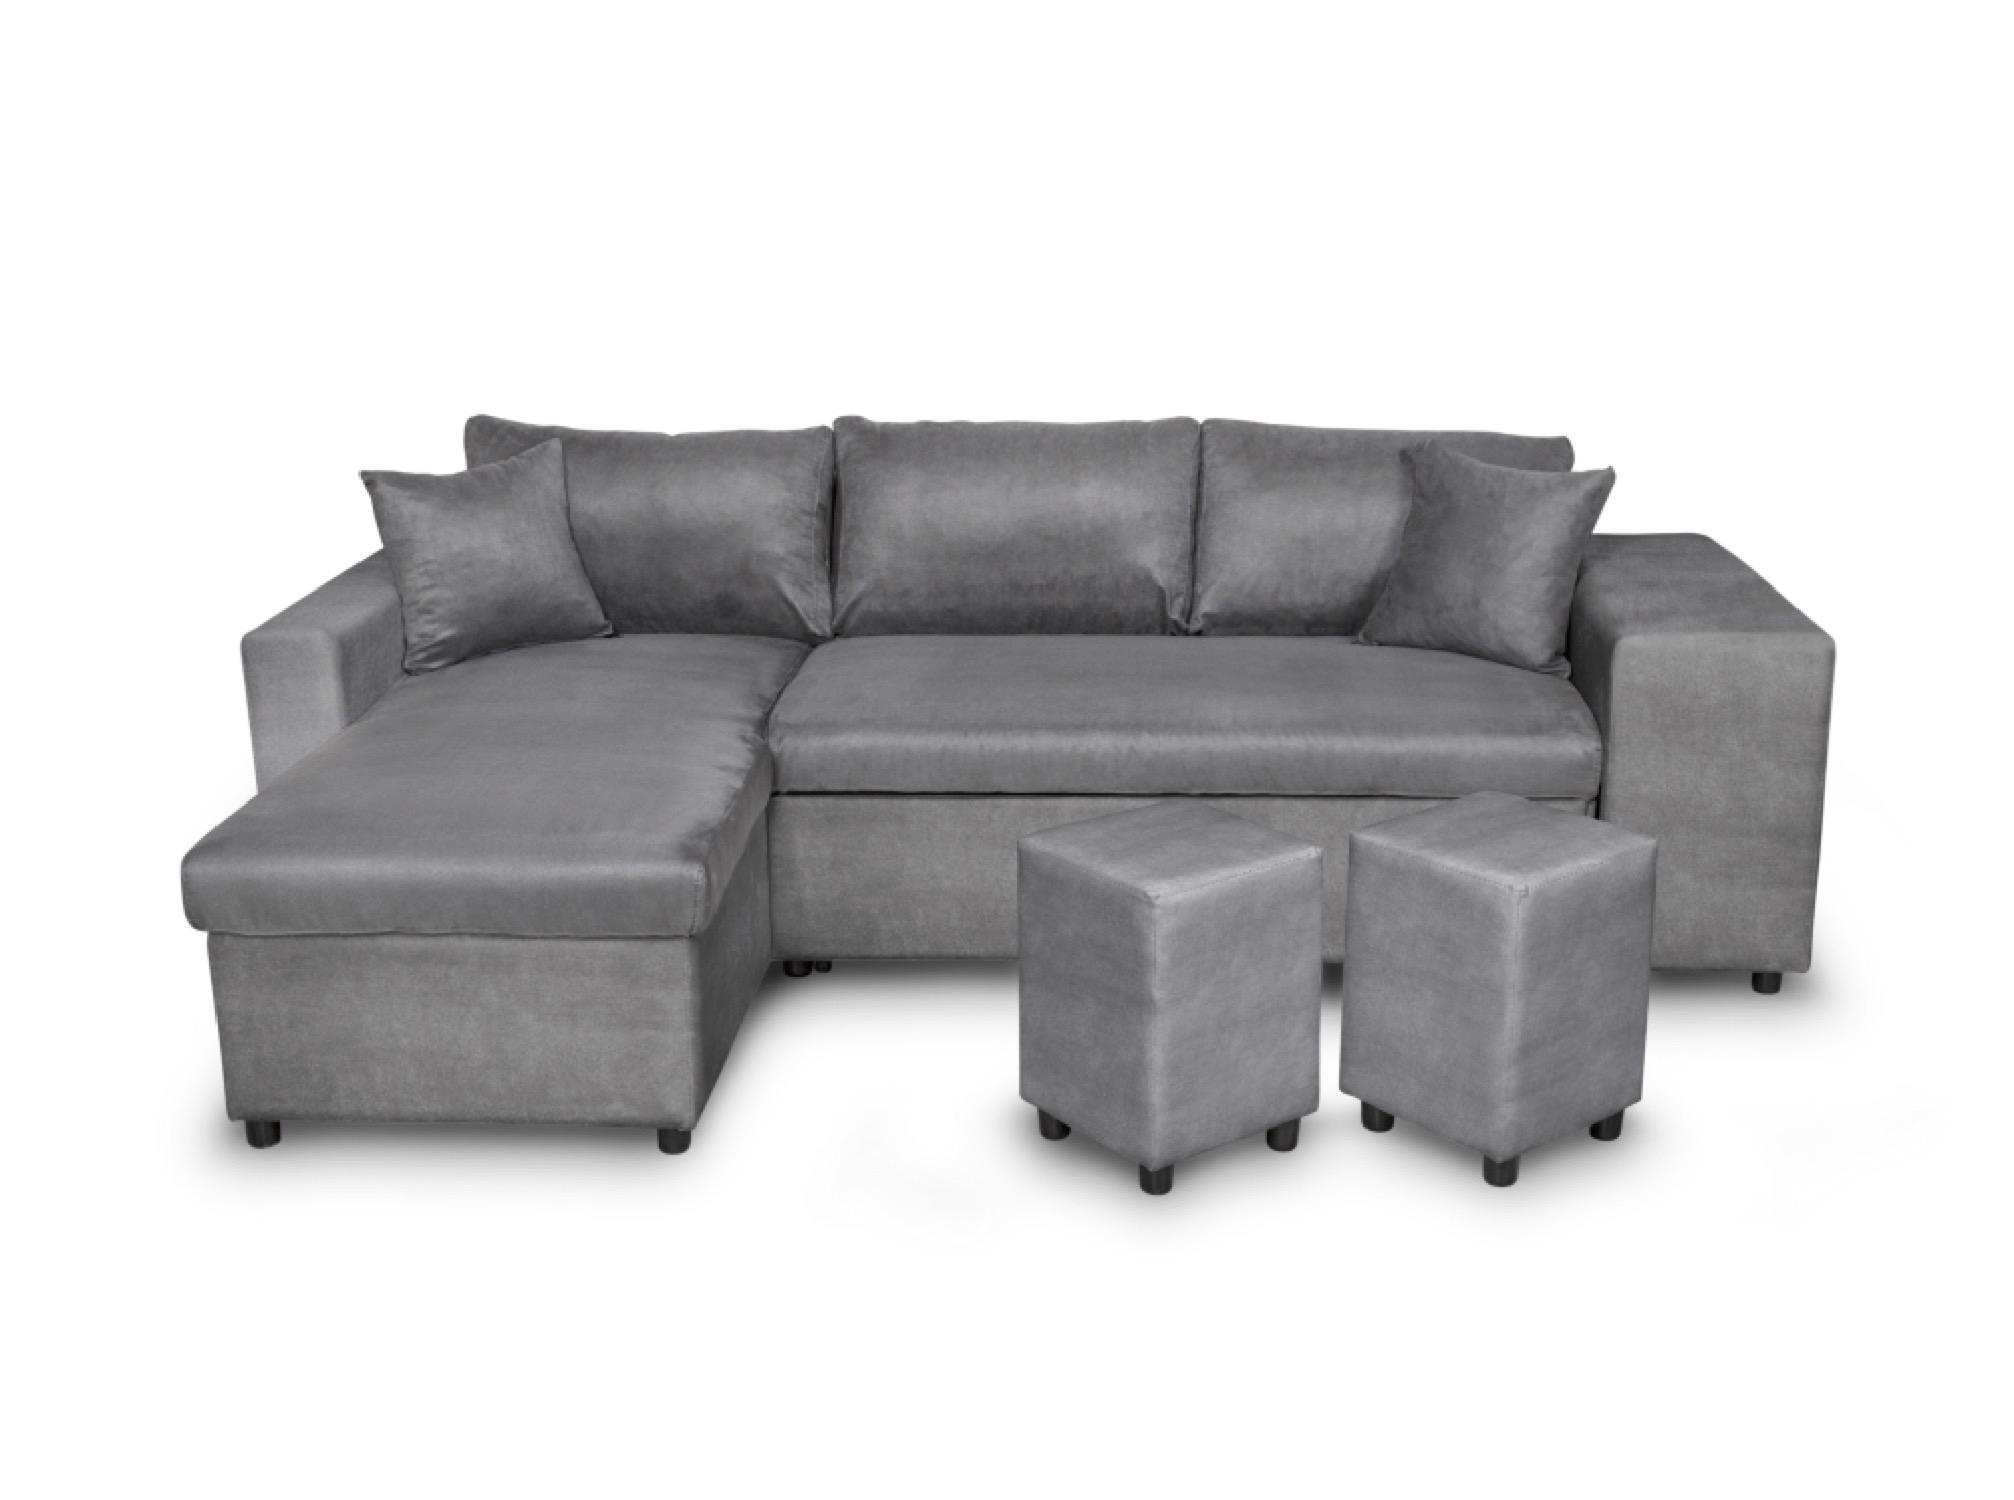 Canapé d'angle gris convertible avec rangements poufs à gauche